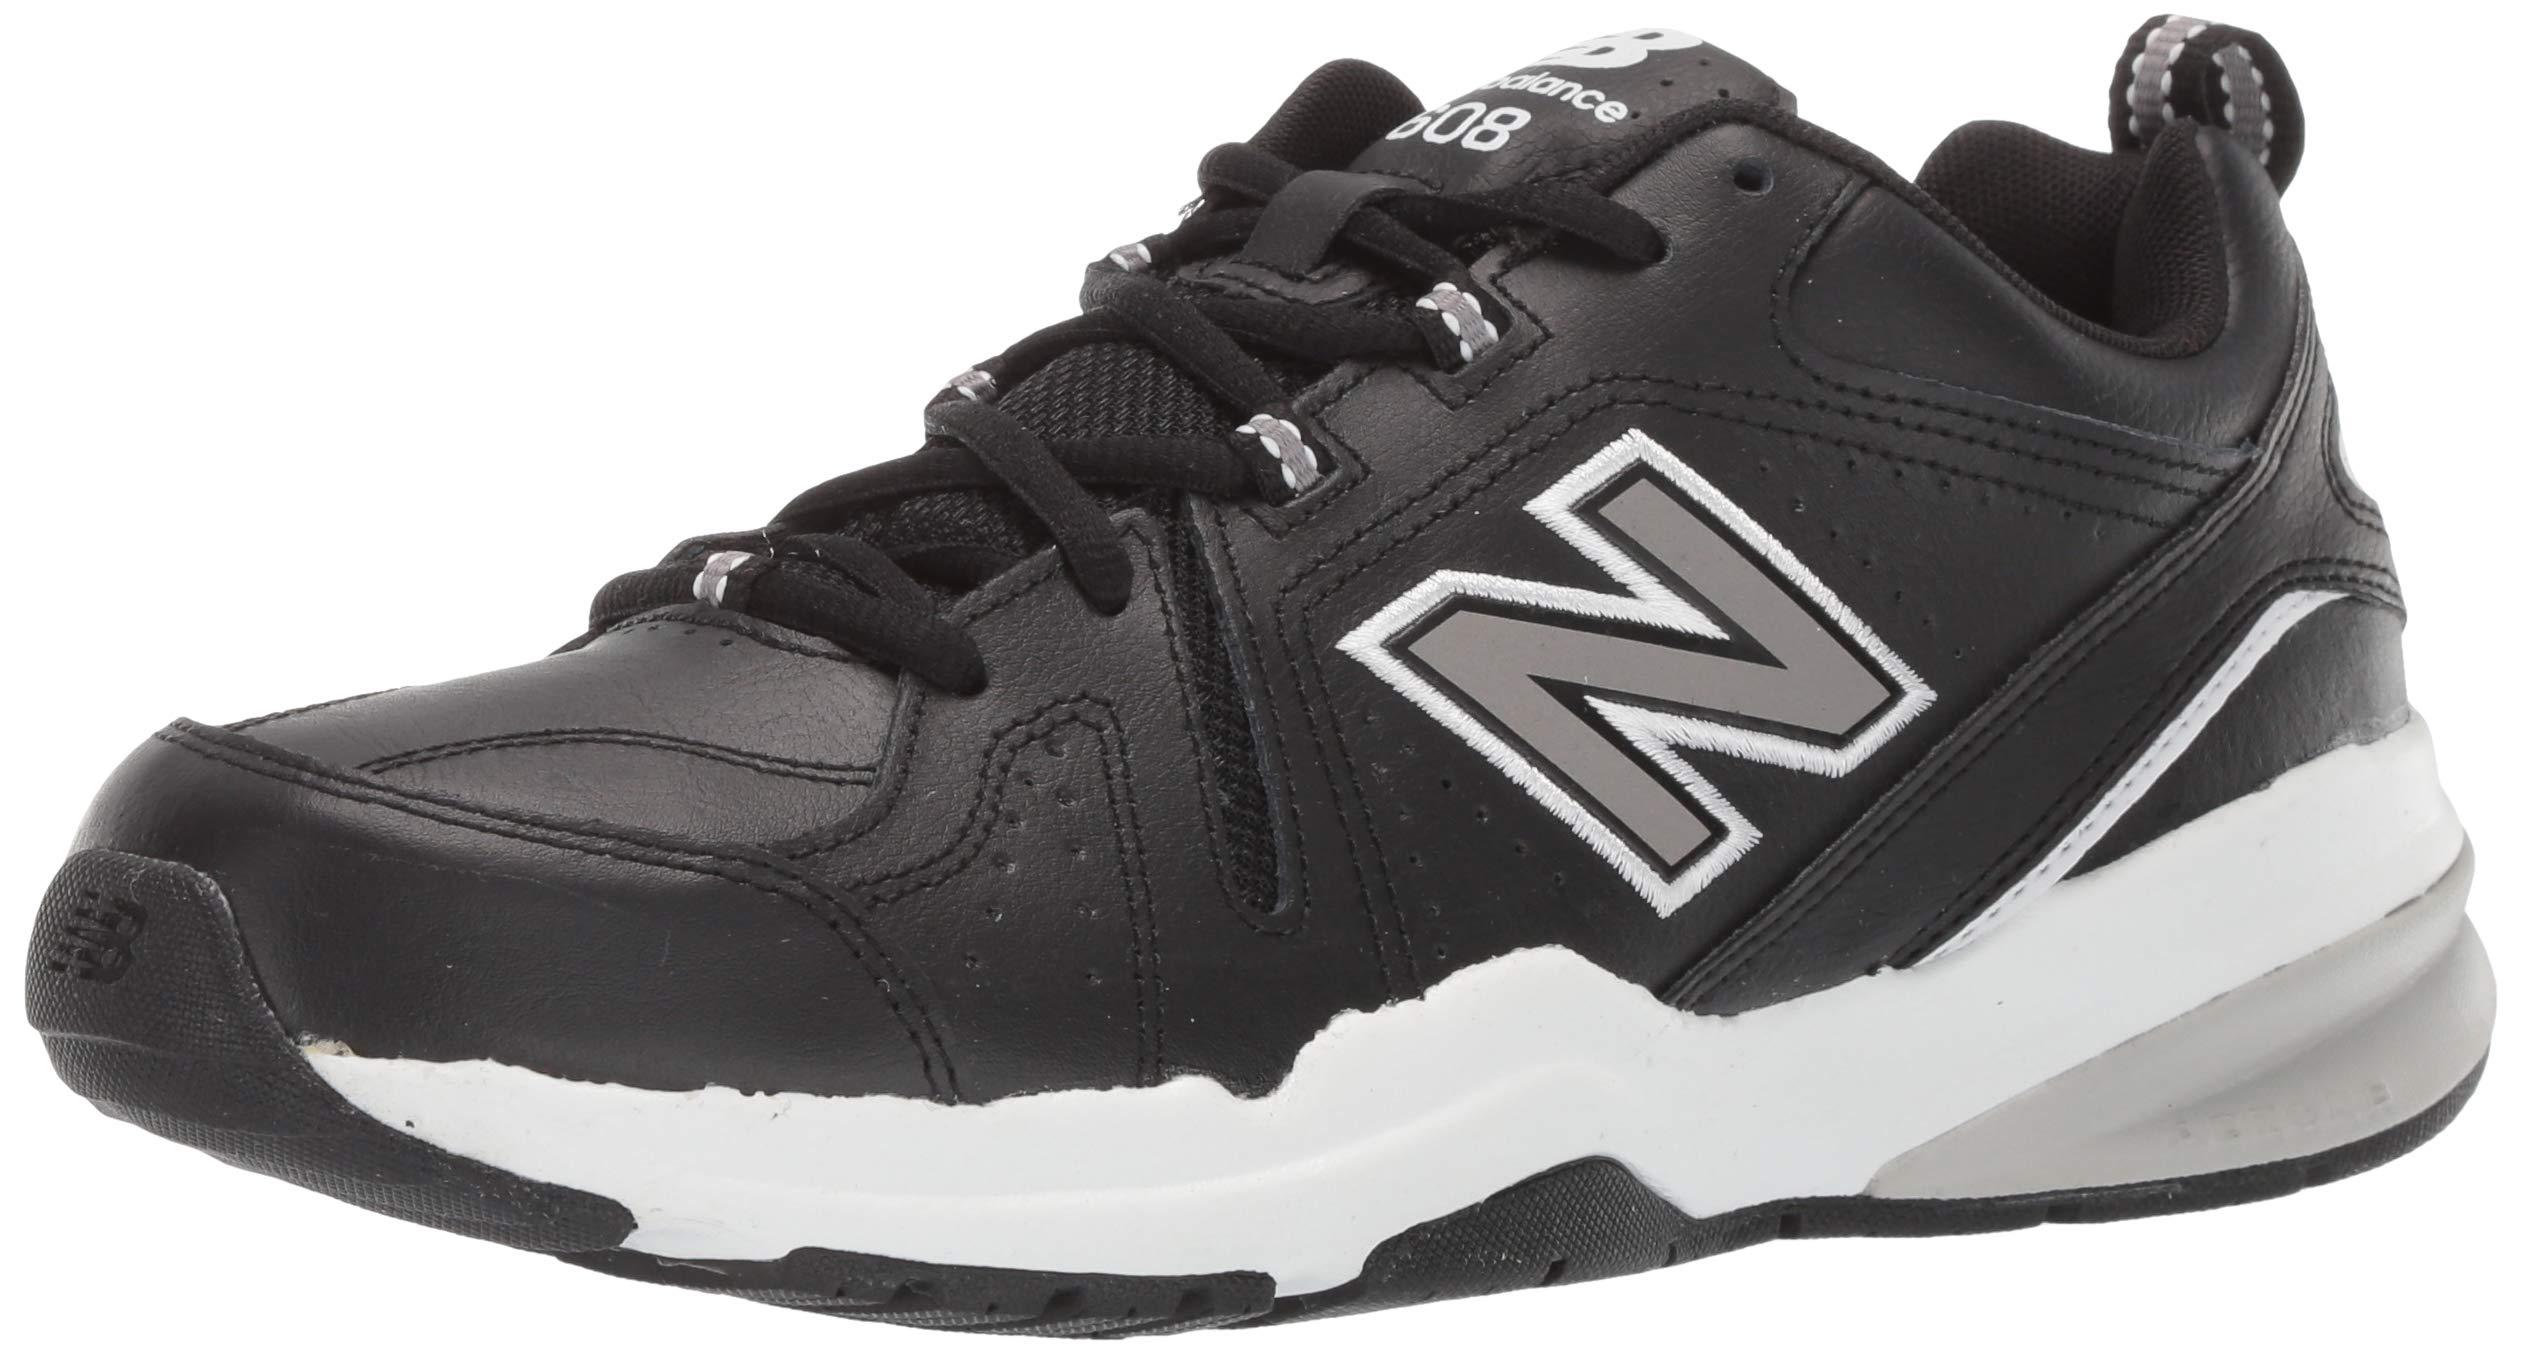 New Balance Men's 608v5 Casual Comfort Running Shoe, Black/White, 6.5 D US